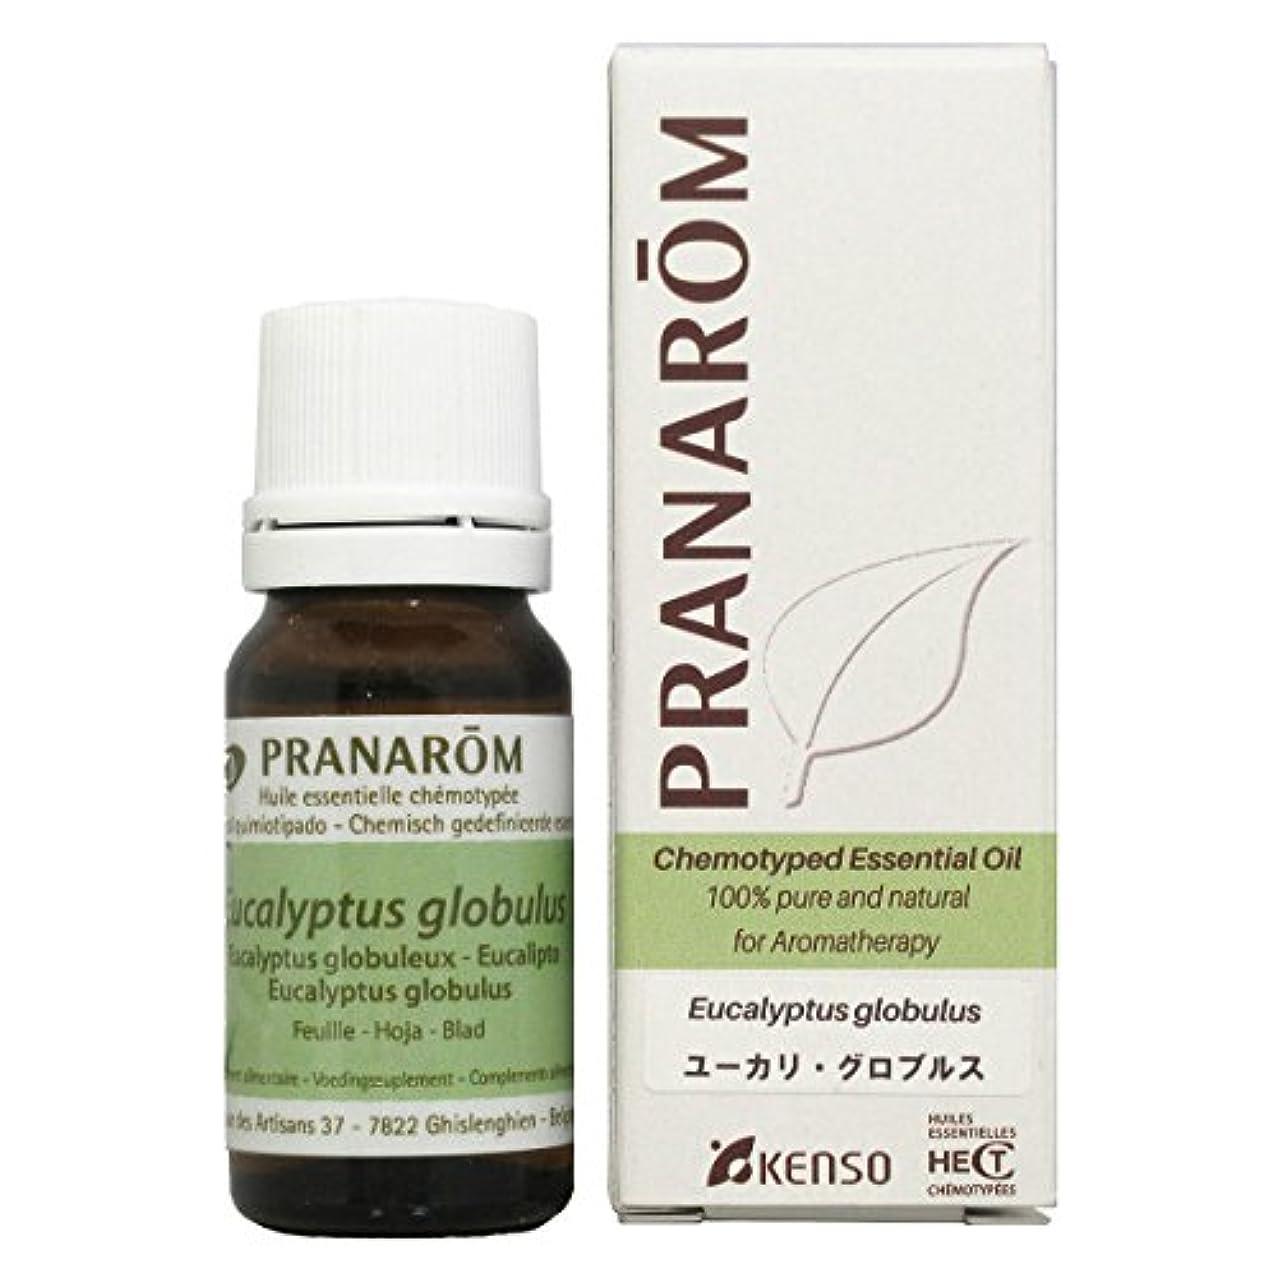 明るい髄尊敬するプラナロム ユーカリグロブルス 10ml (PRANAROM ケモタイプ精油)